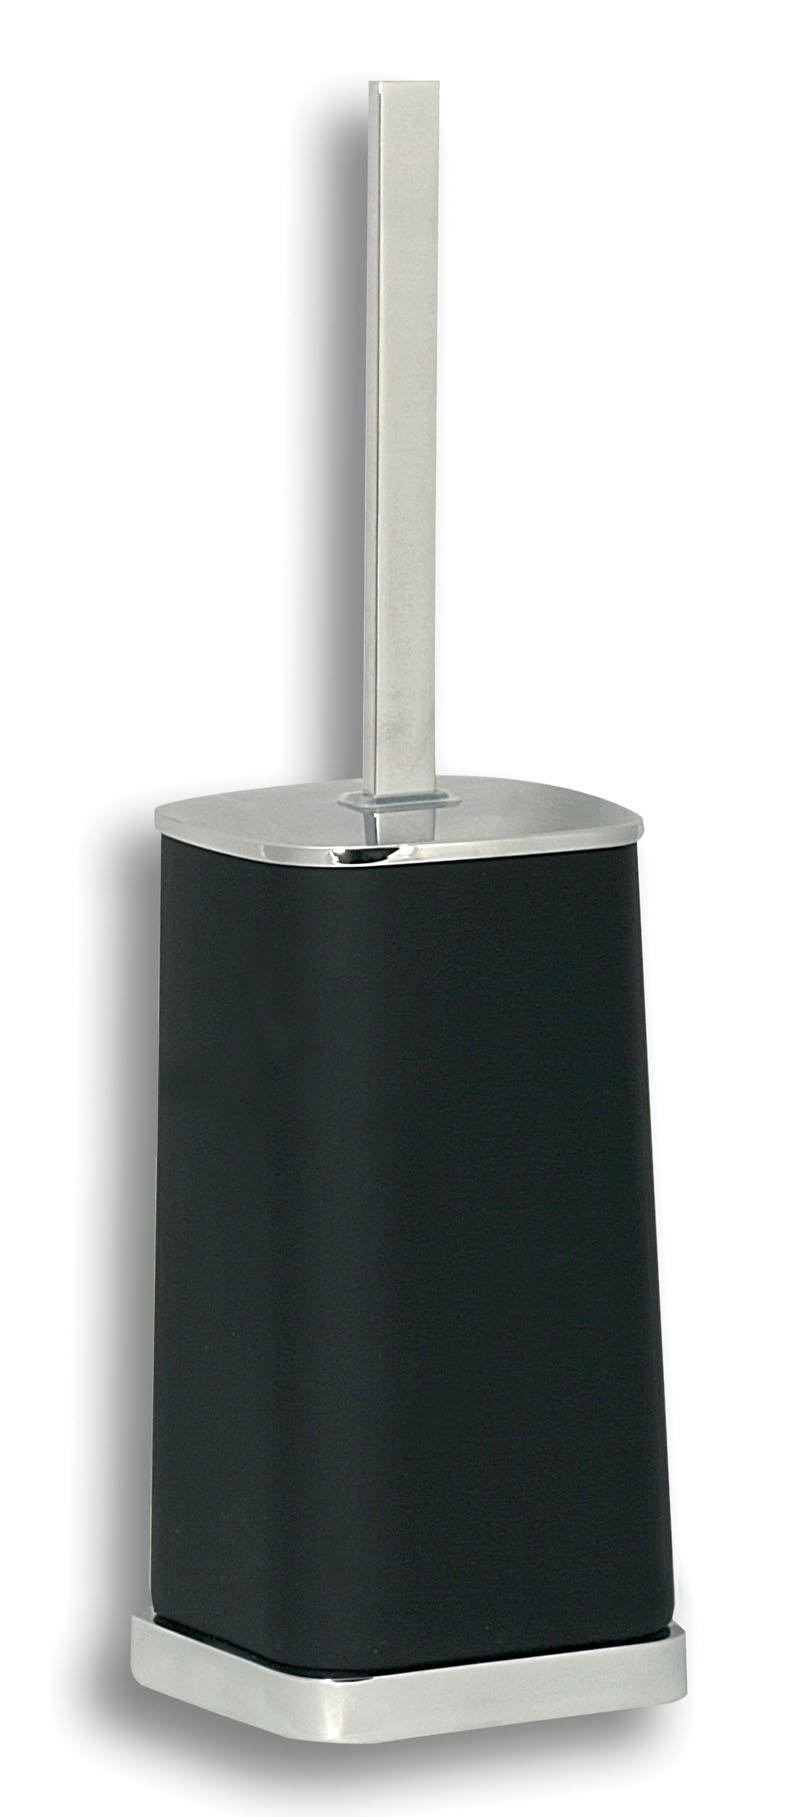 WC štětka Metalia 4 černá-chrom